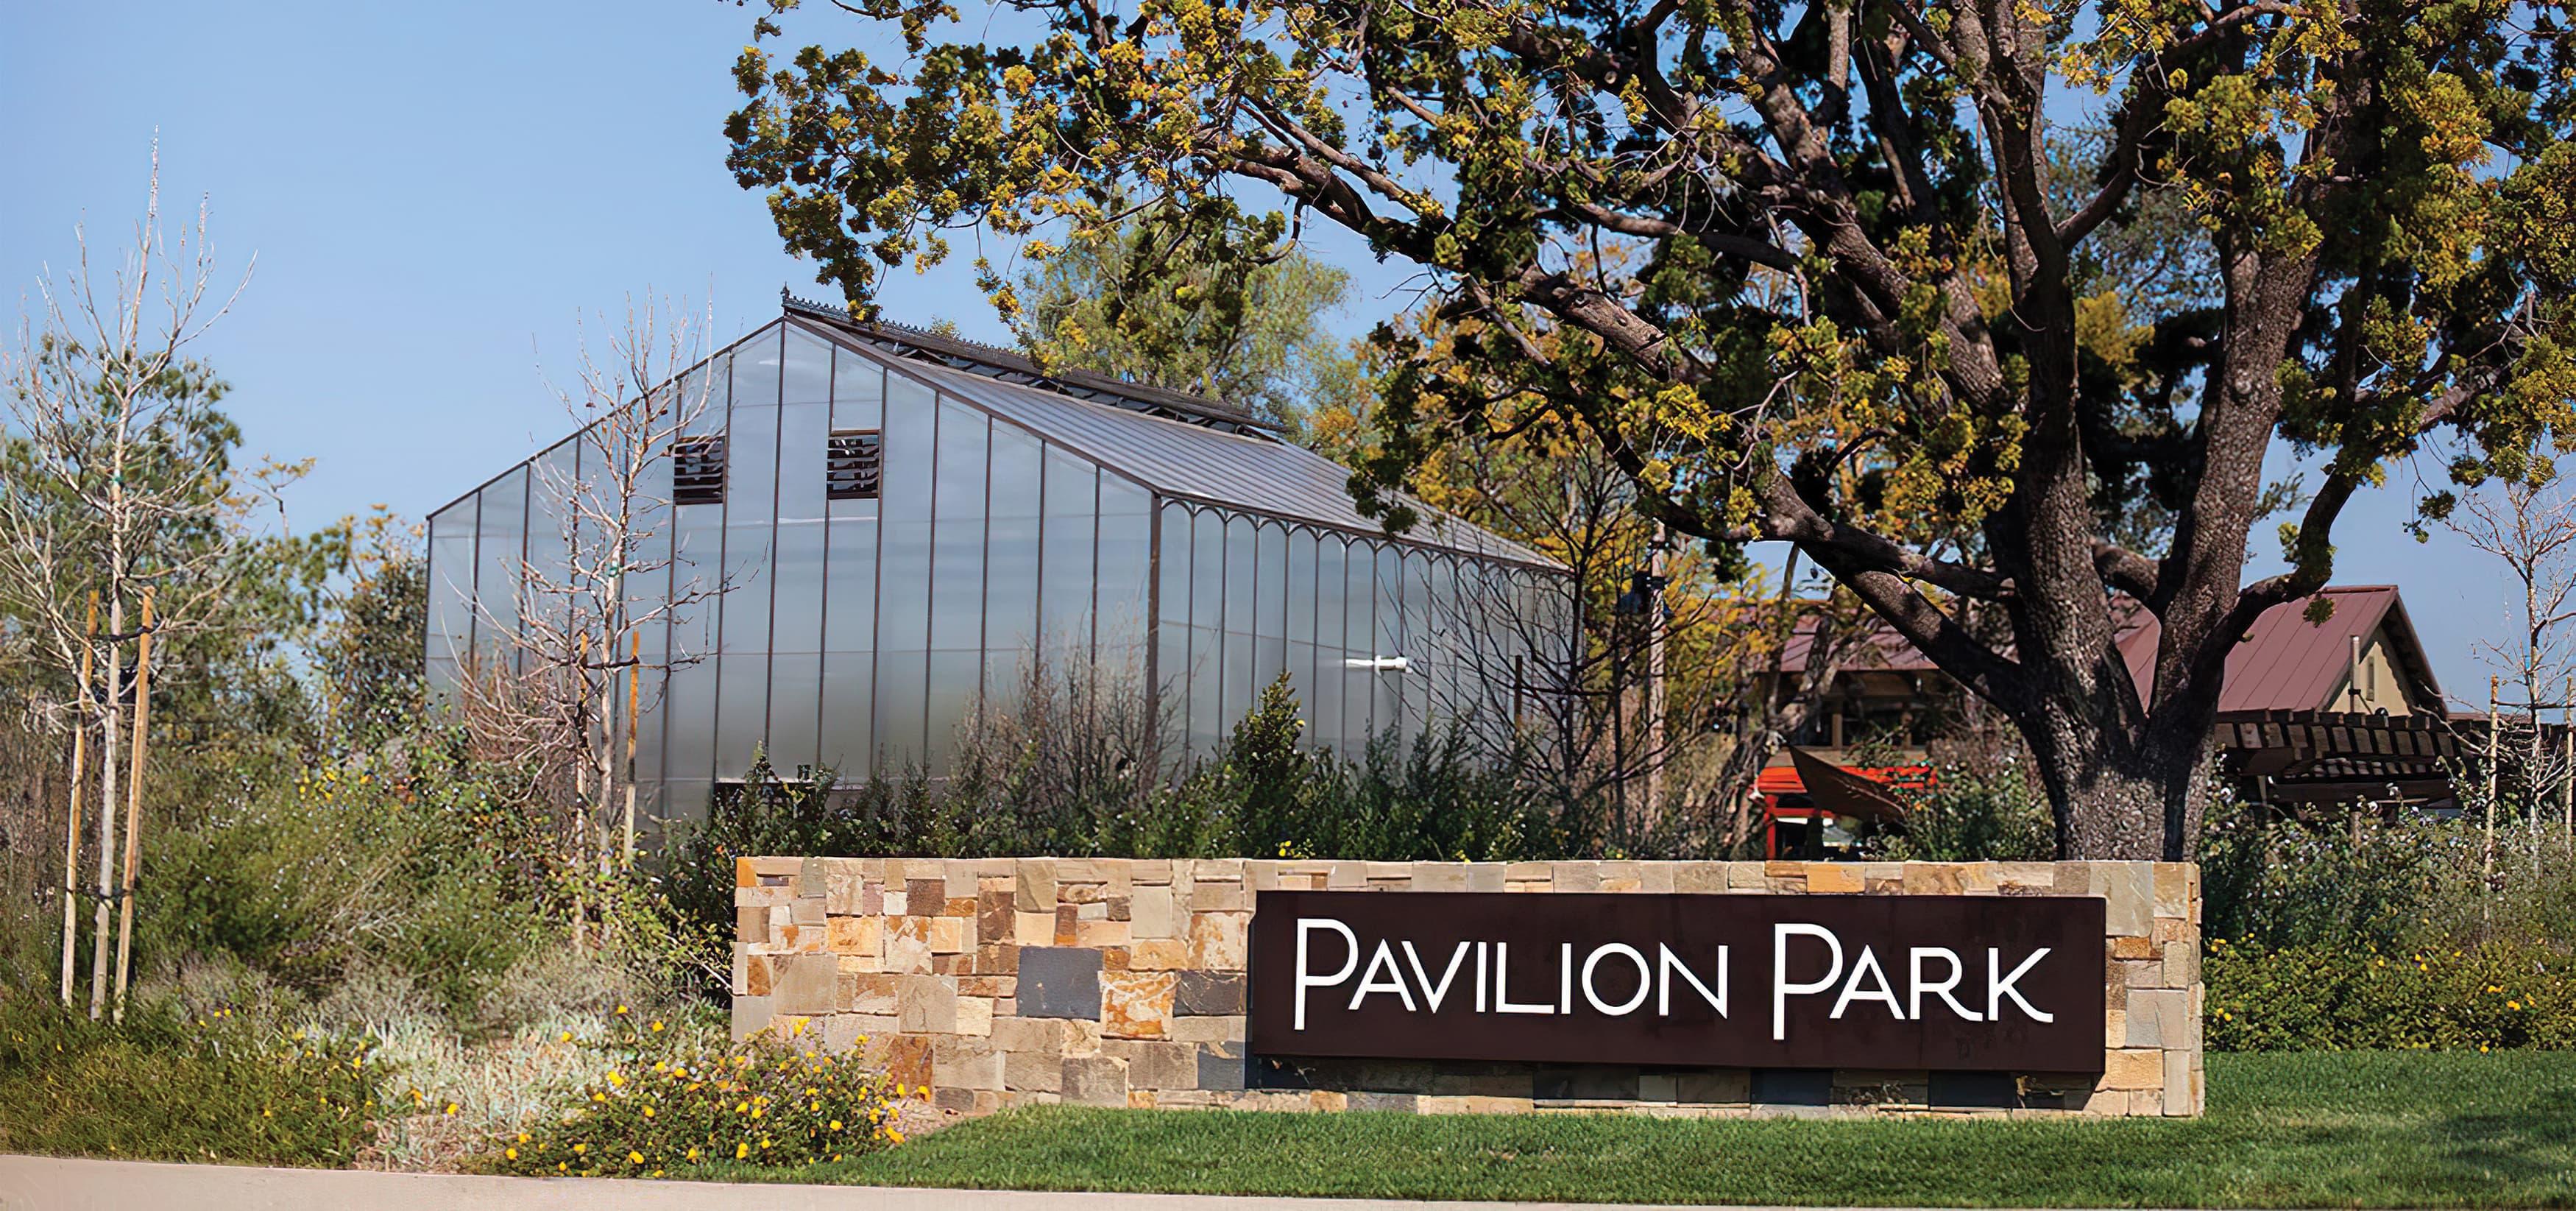 Pavilion Park. Irvine Great Park. Residential Community Park Design. Park Monument Signage.